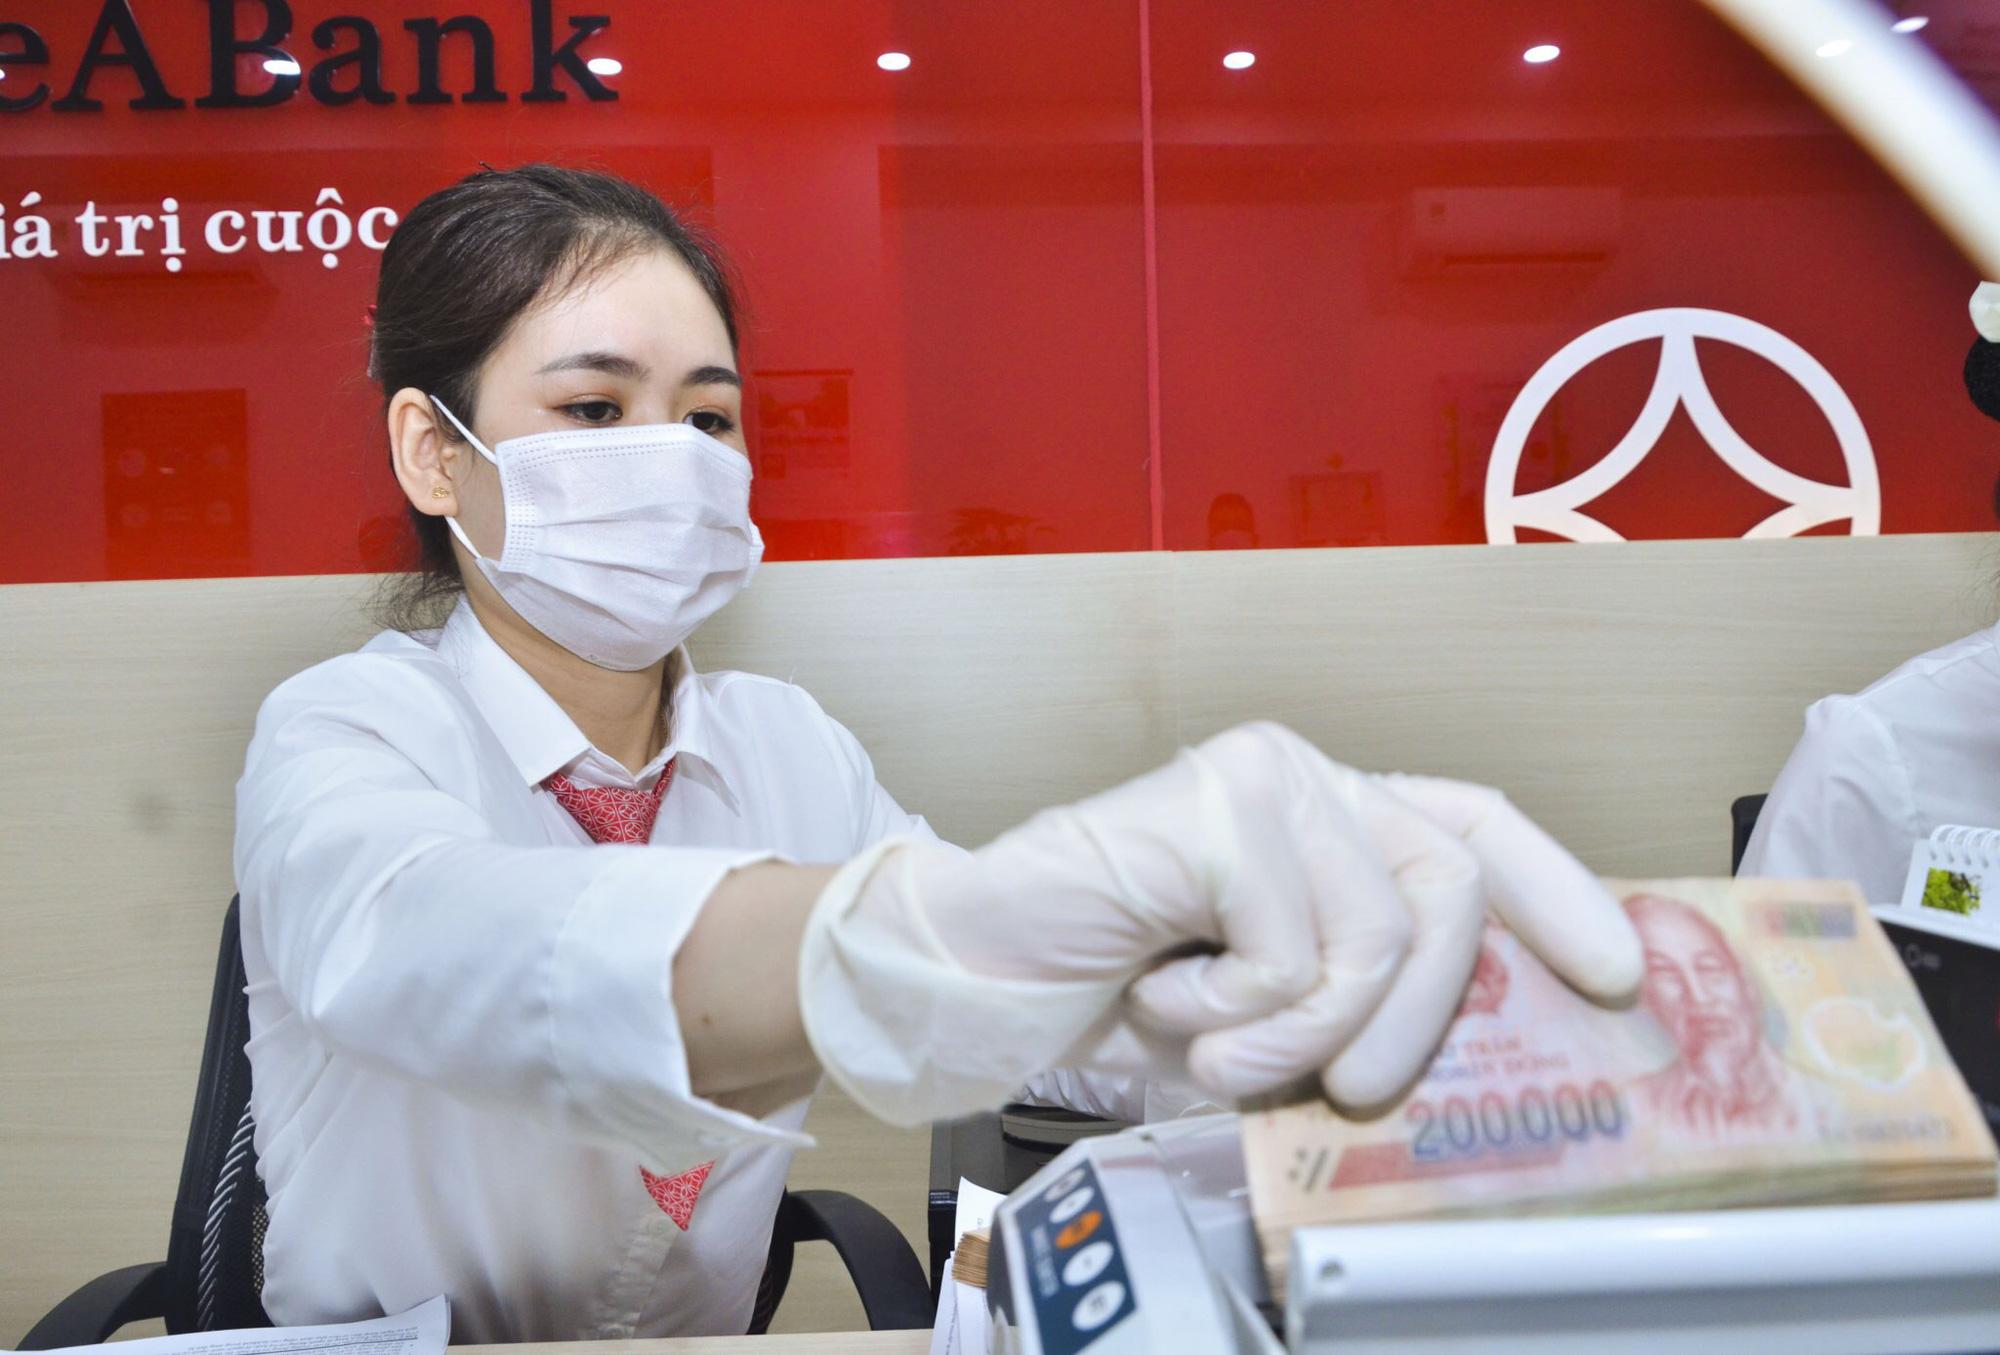 """Vừa được nới thêm, ngân hàng đã gần cạn room tín dụng và """"thông điệp"""" của Ngân hàng Nhà nước - Ảnh 3."""